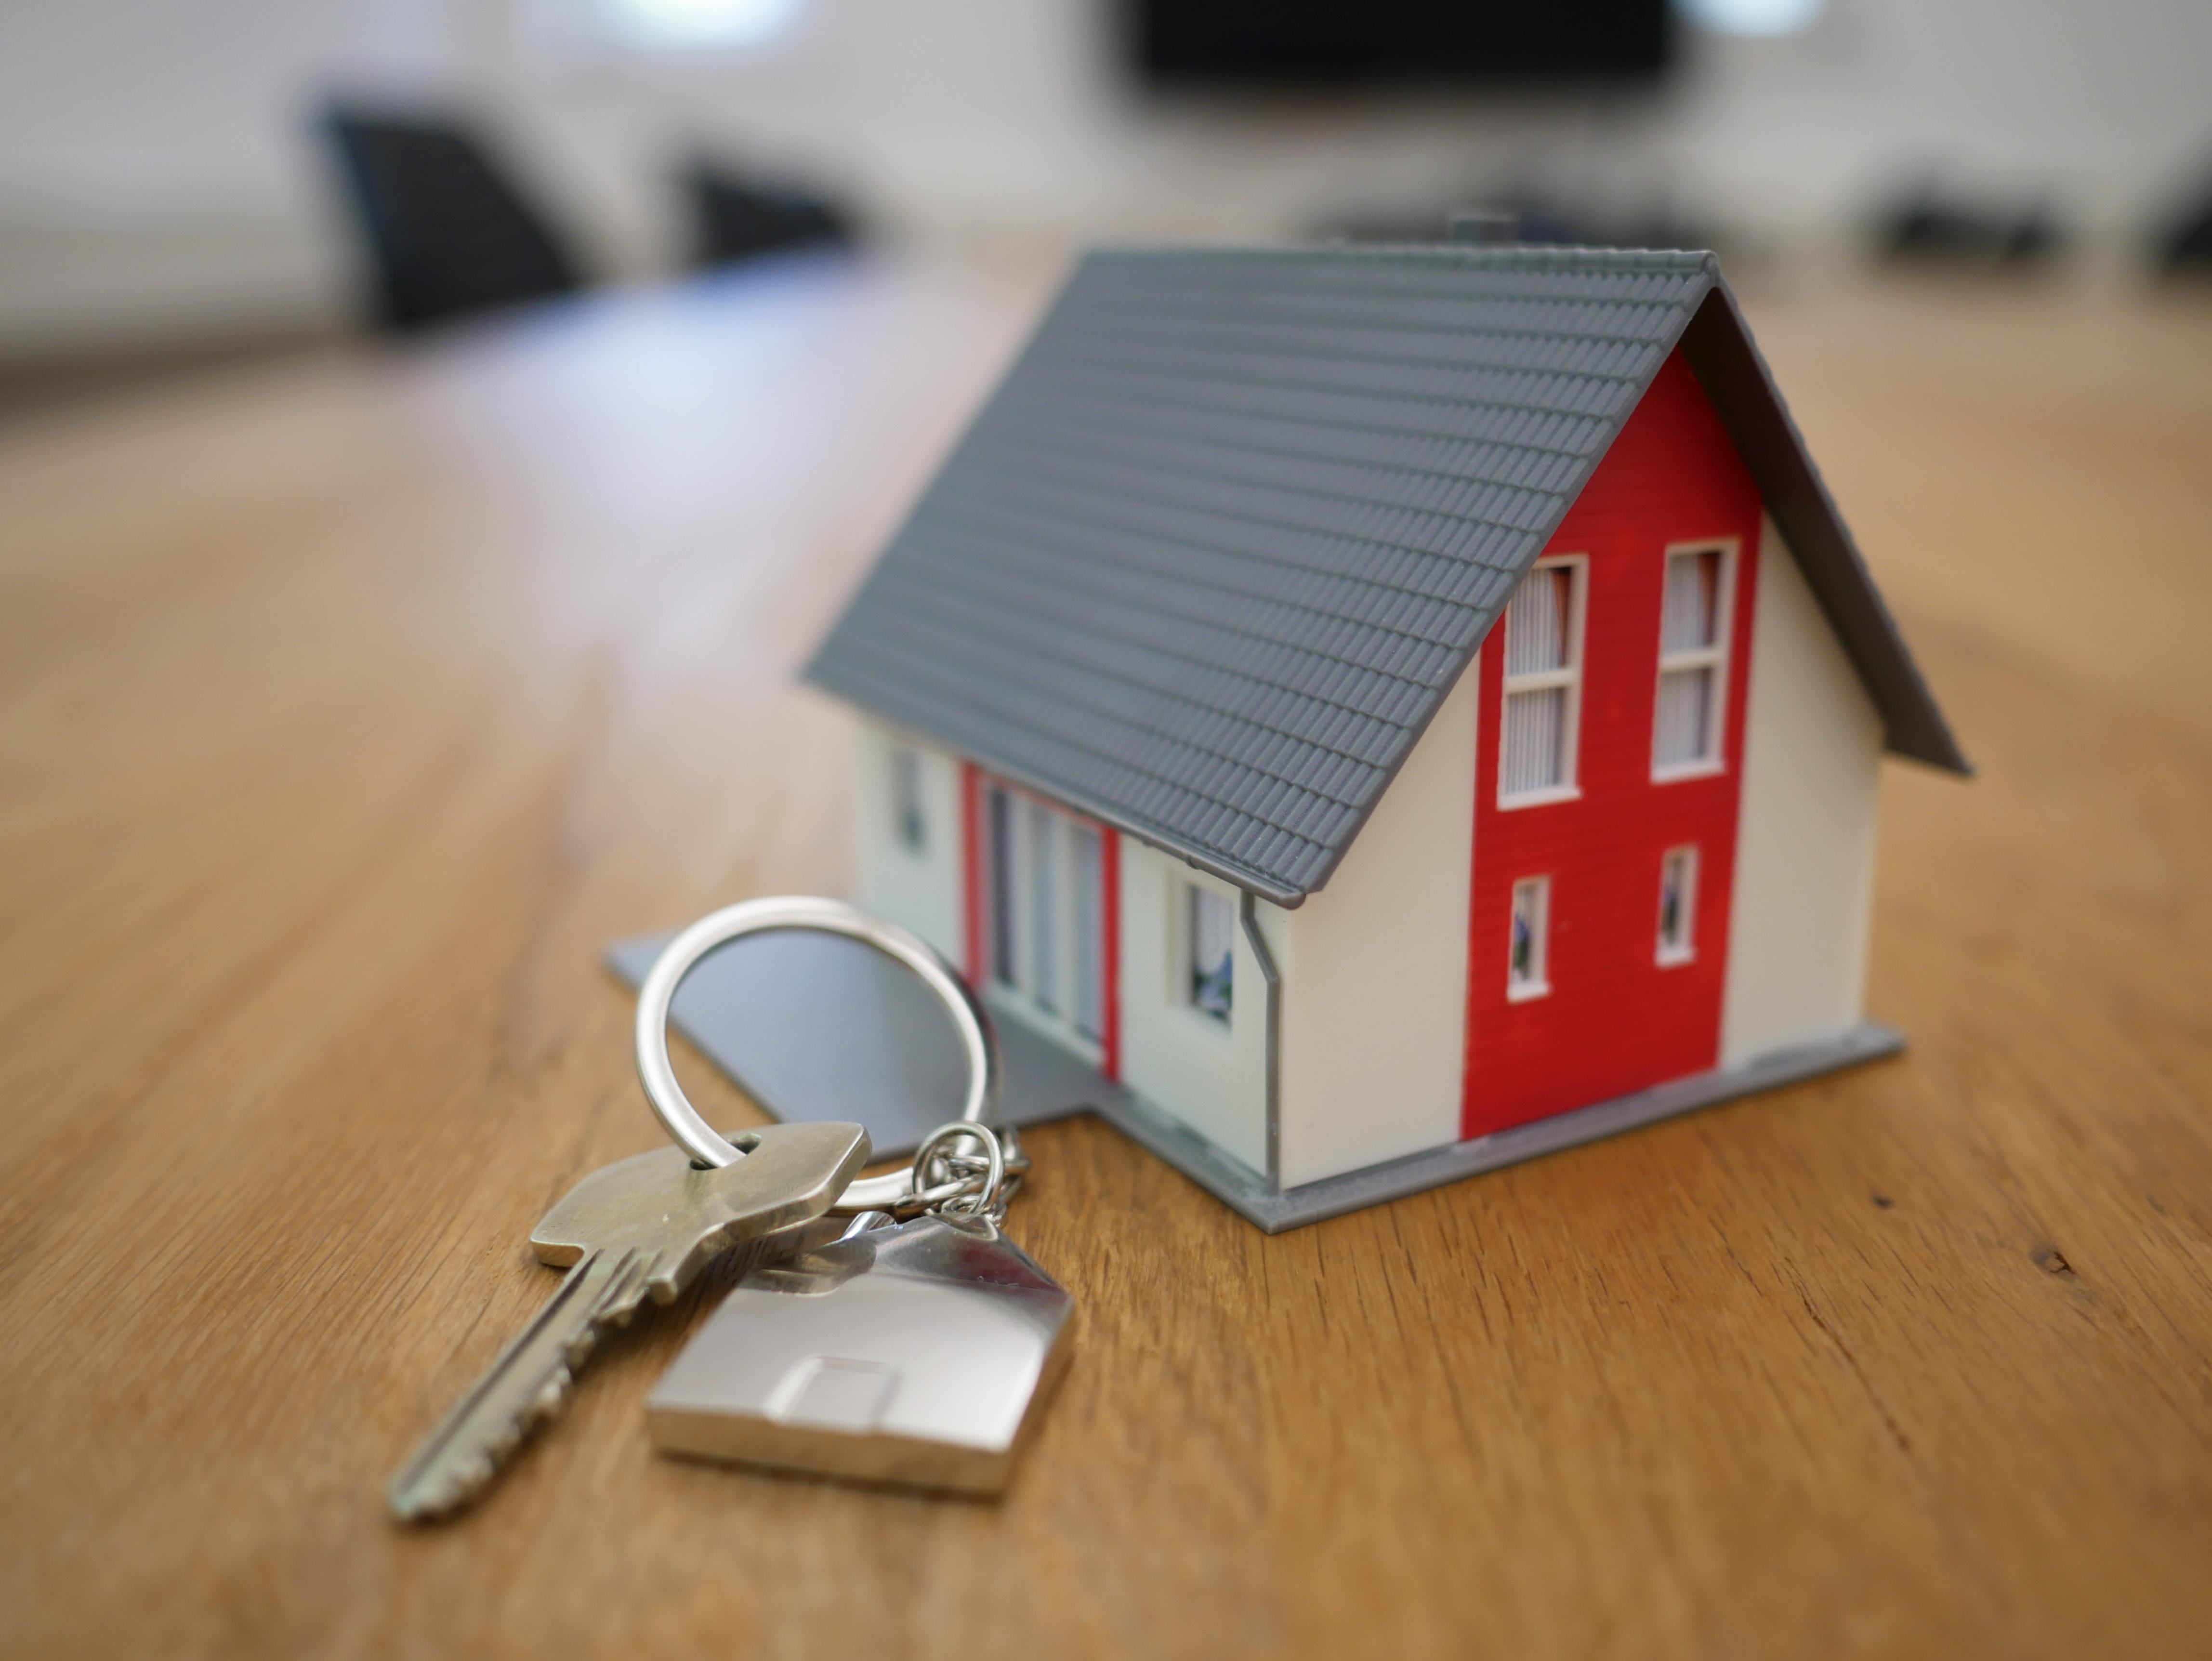 Le tecnologie che rendono la casa davvero per tutti